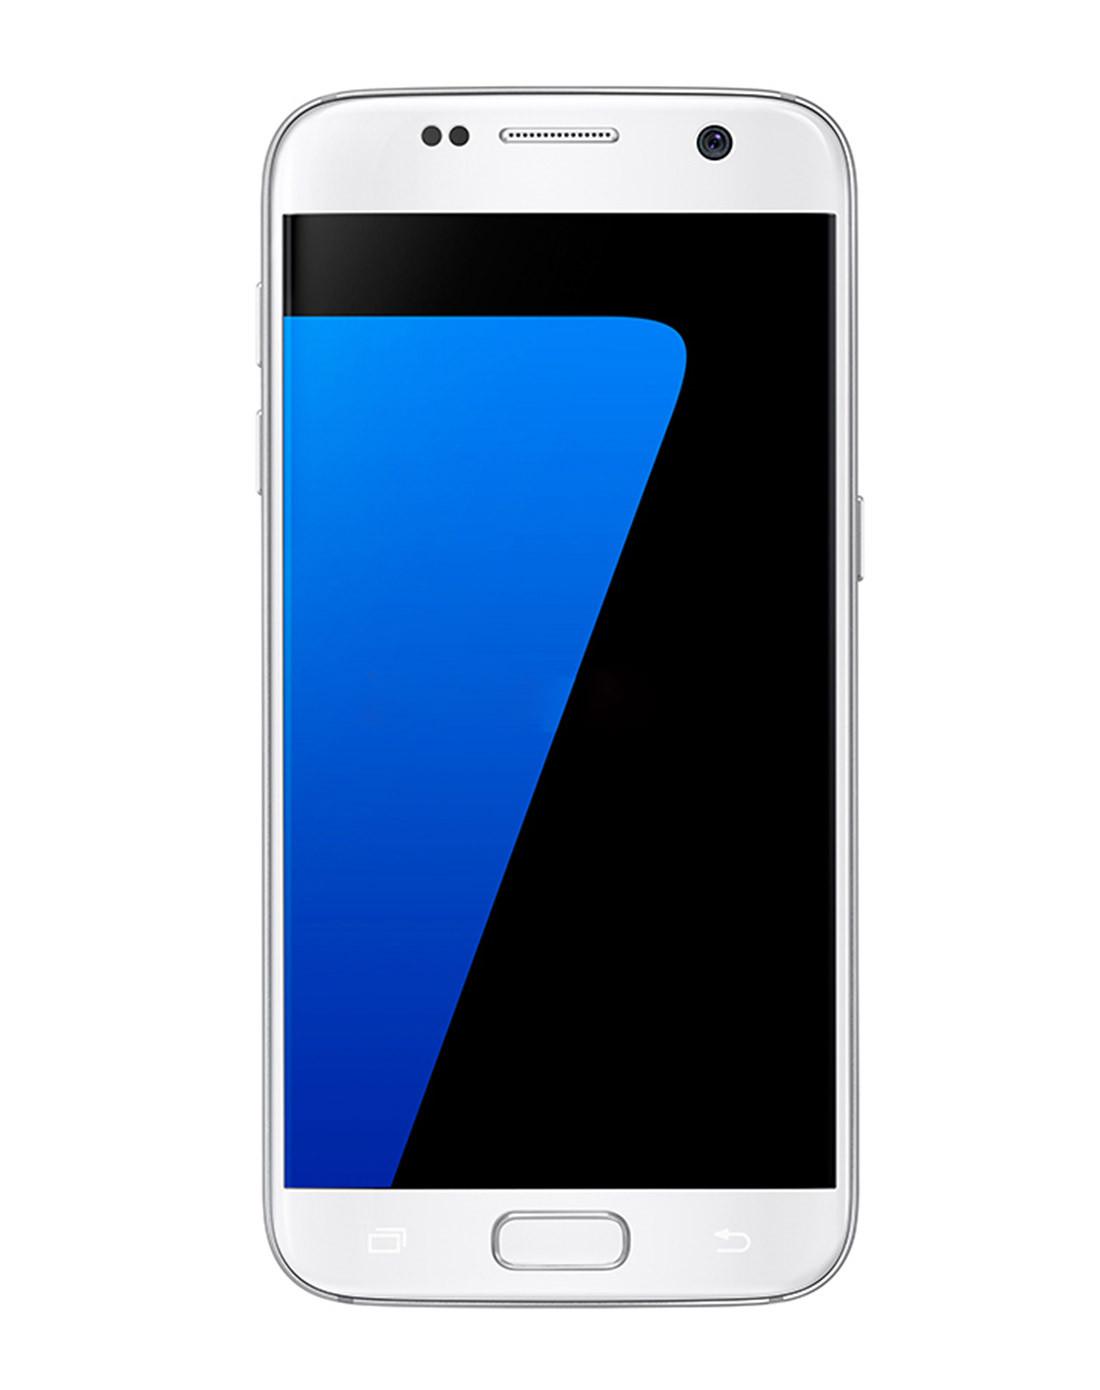 三星sedge雪晶白_【三星三星S69200手机雪晶白】三星SAMSU